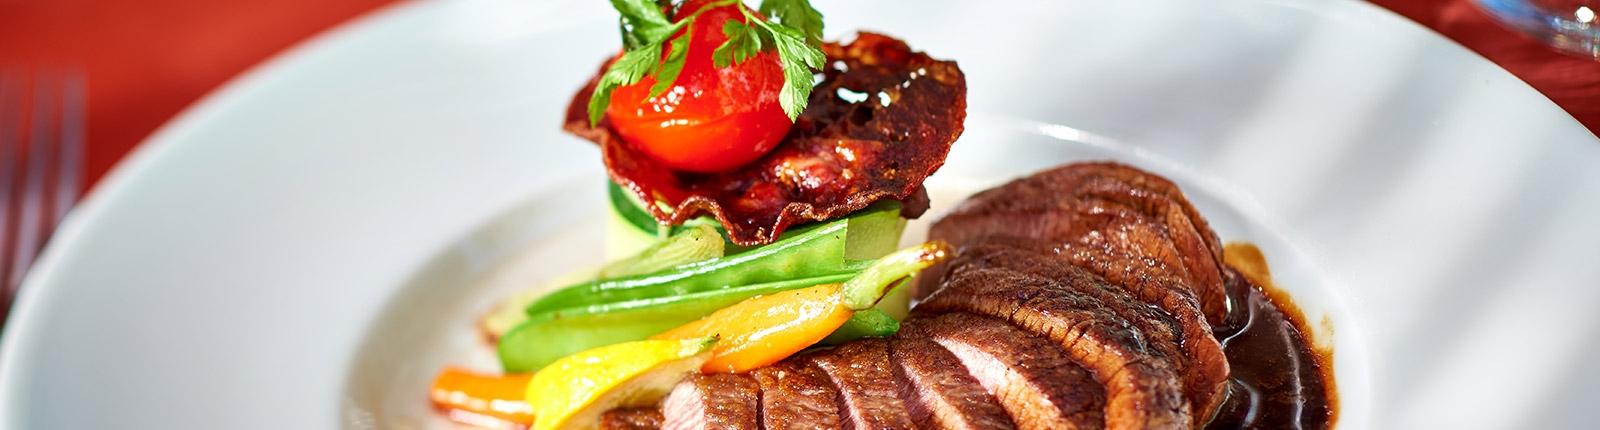 Restaurant la table tourtour d couvrez nos diff rents - La table tourtour ...